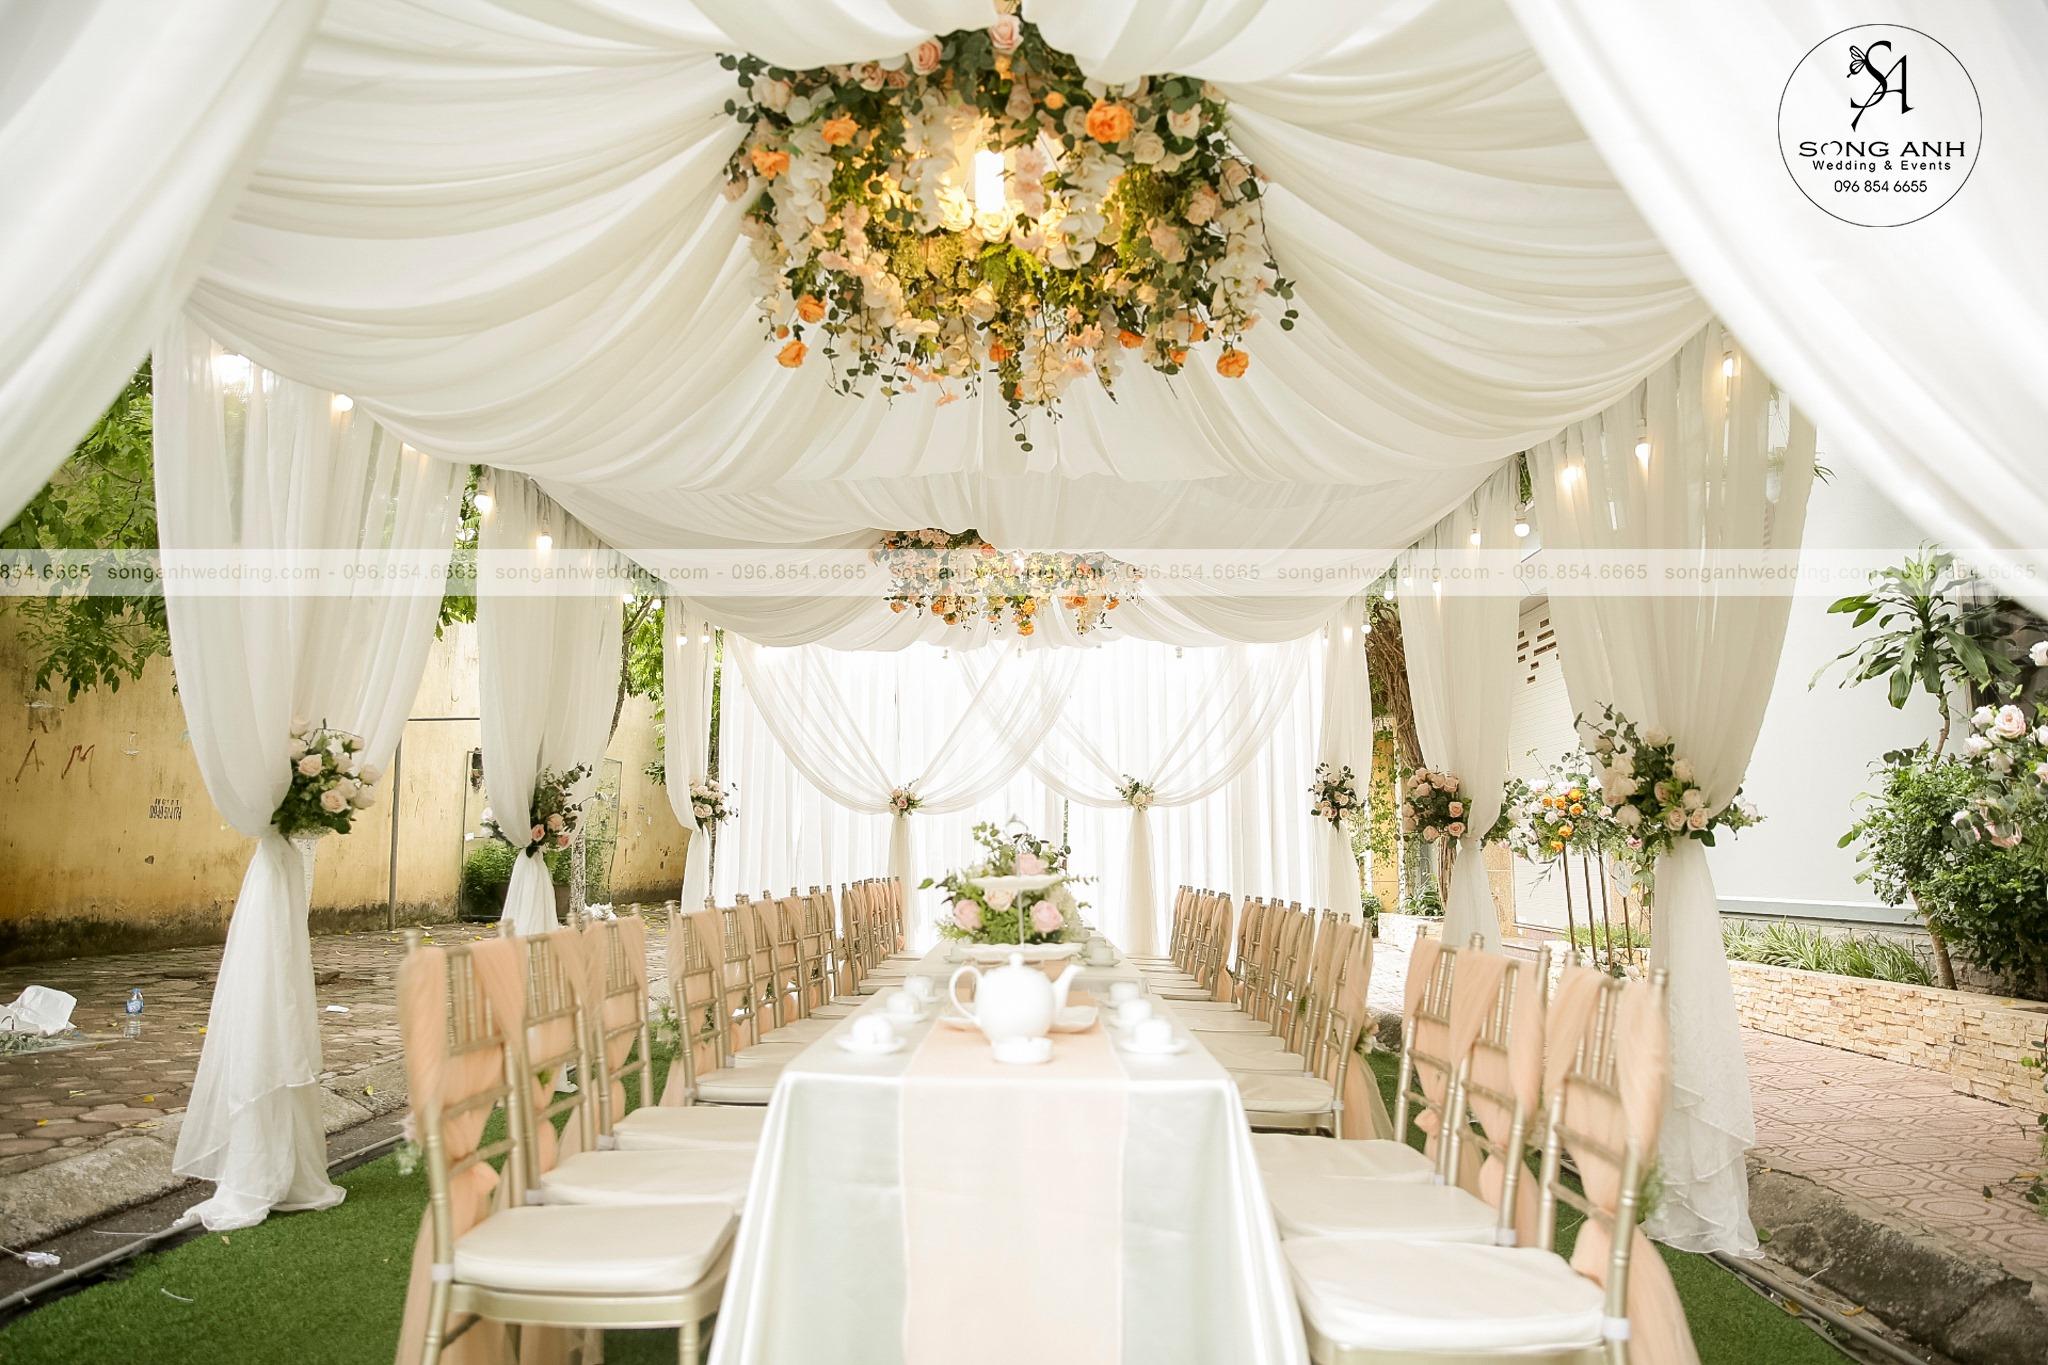 Vòng hoa thả trần tạo nên điểm nhấn cho nhiều tiệc cưới khác nhau